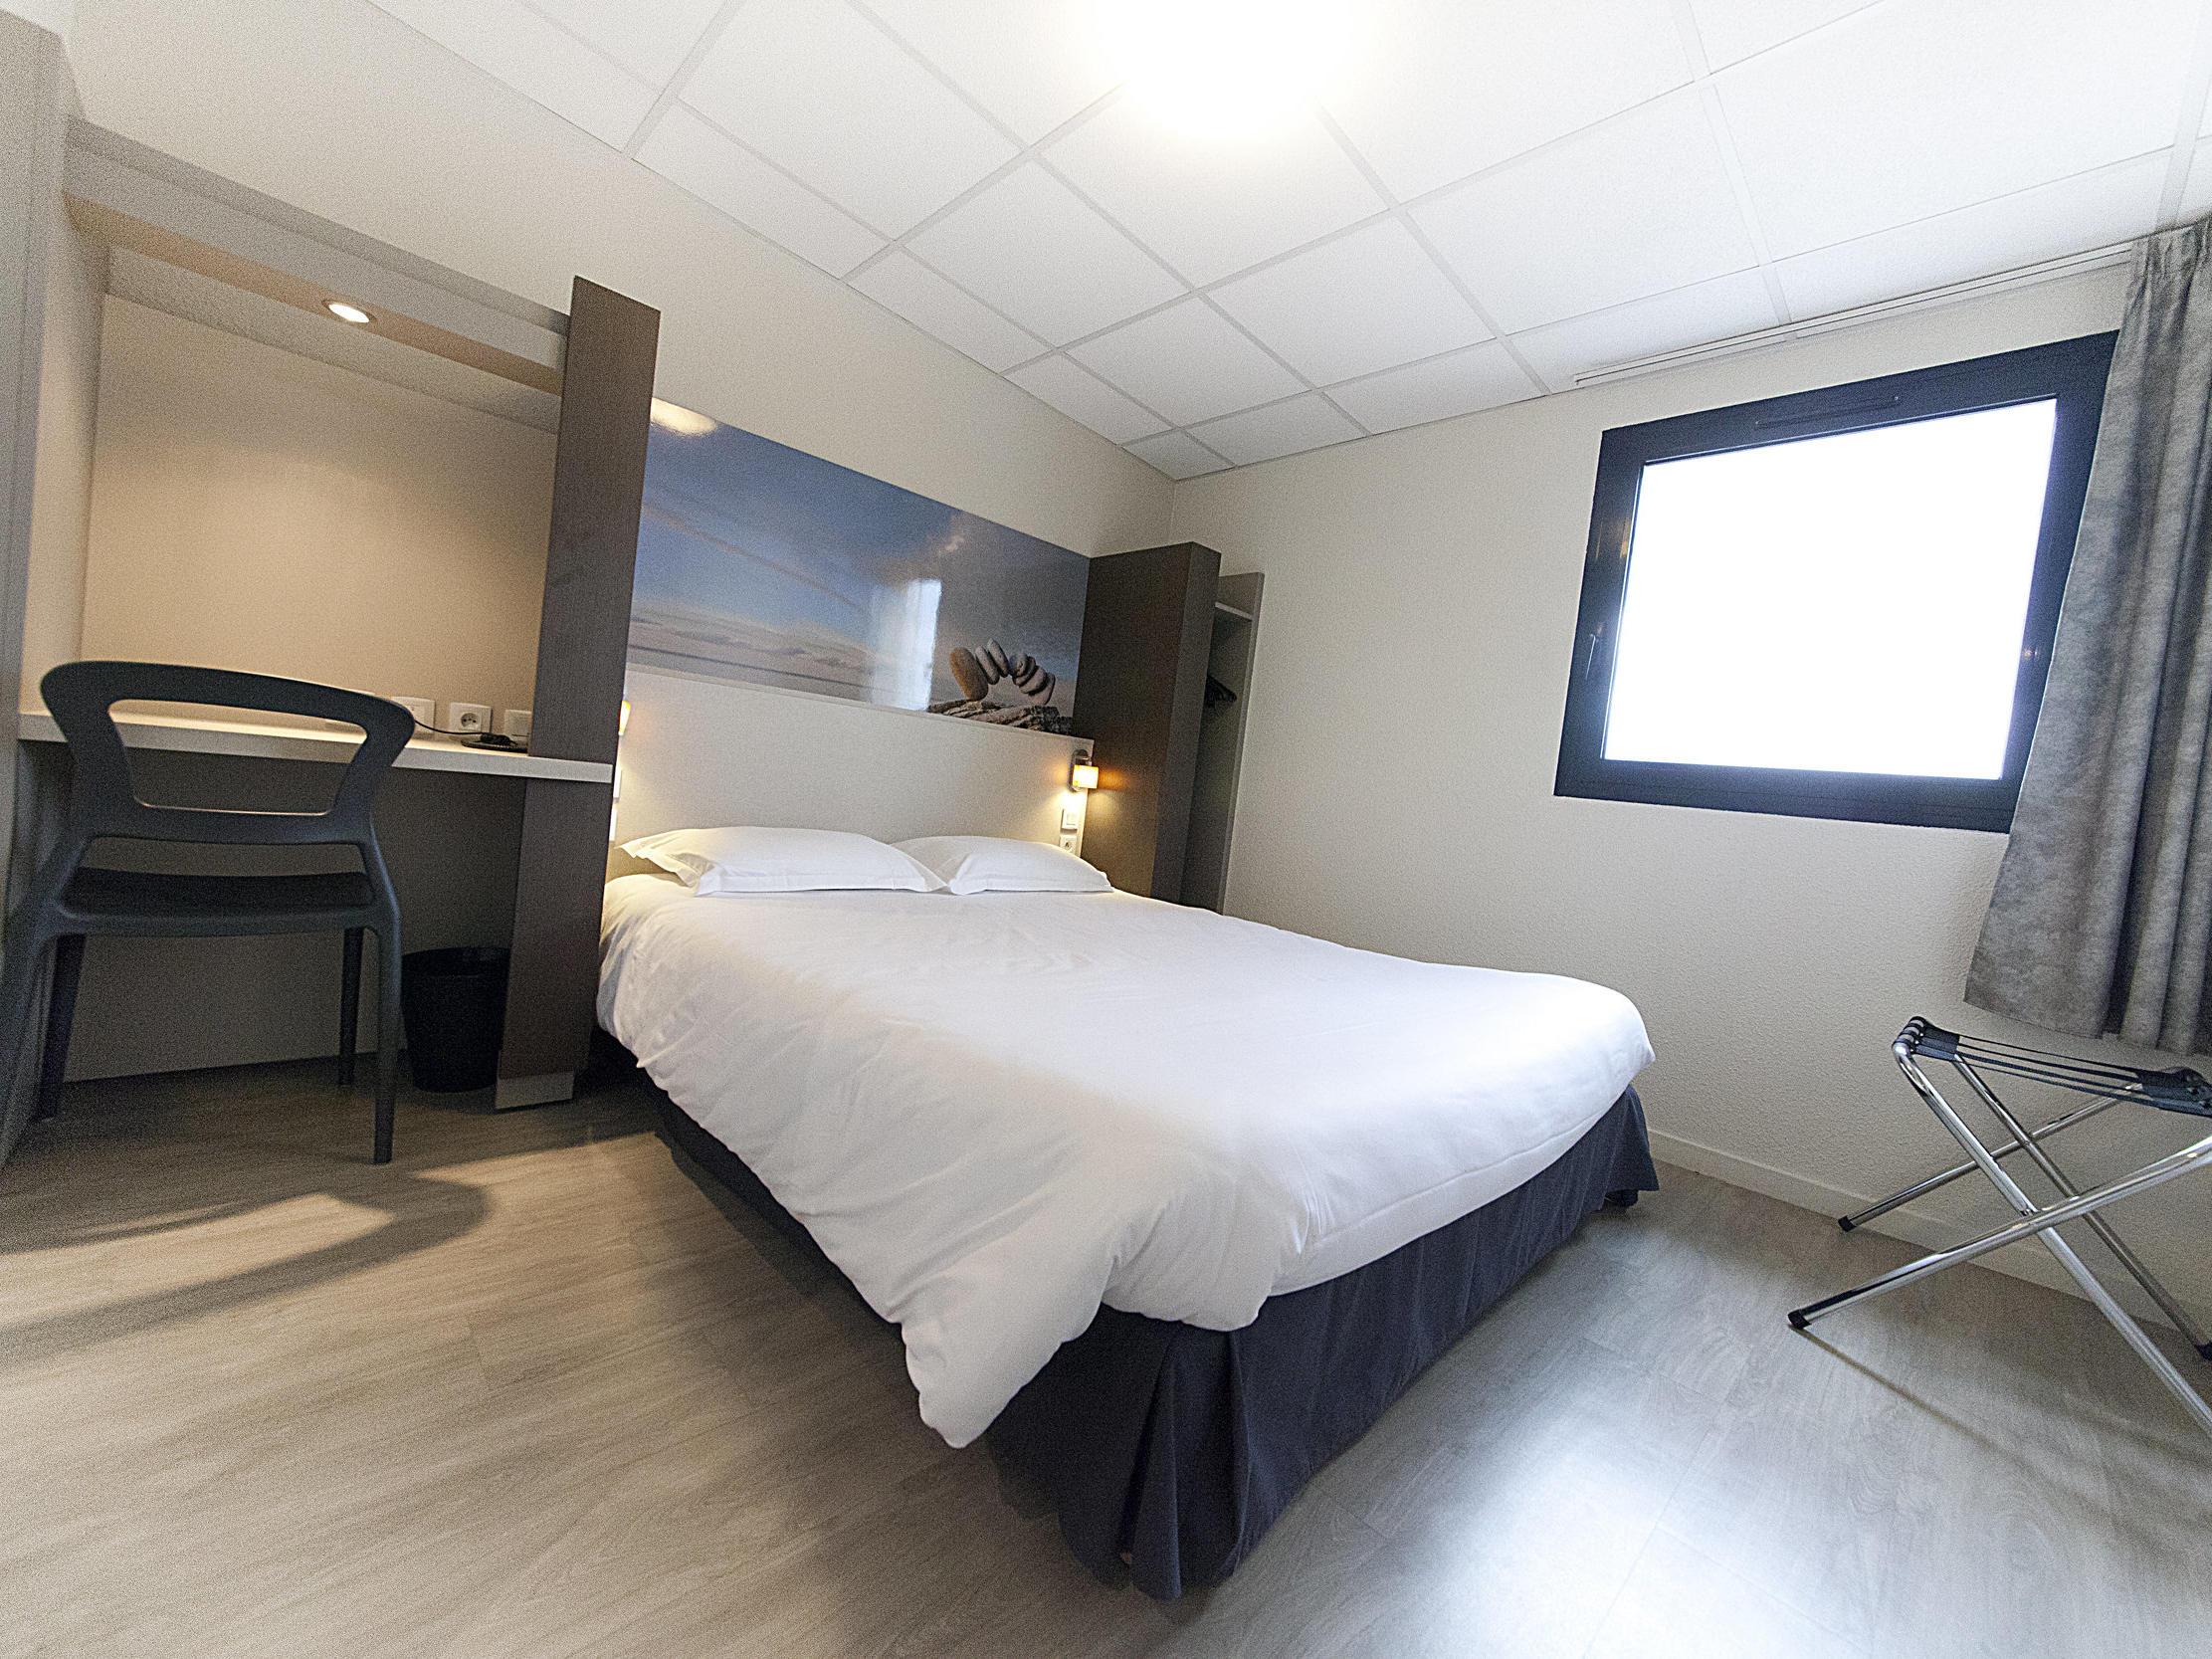 Double Room at The Originals City, Hôtel Clermont-Ferrand Sout Aubière